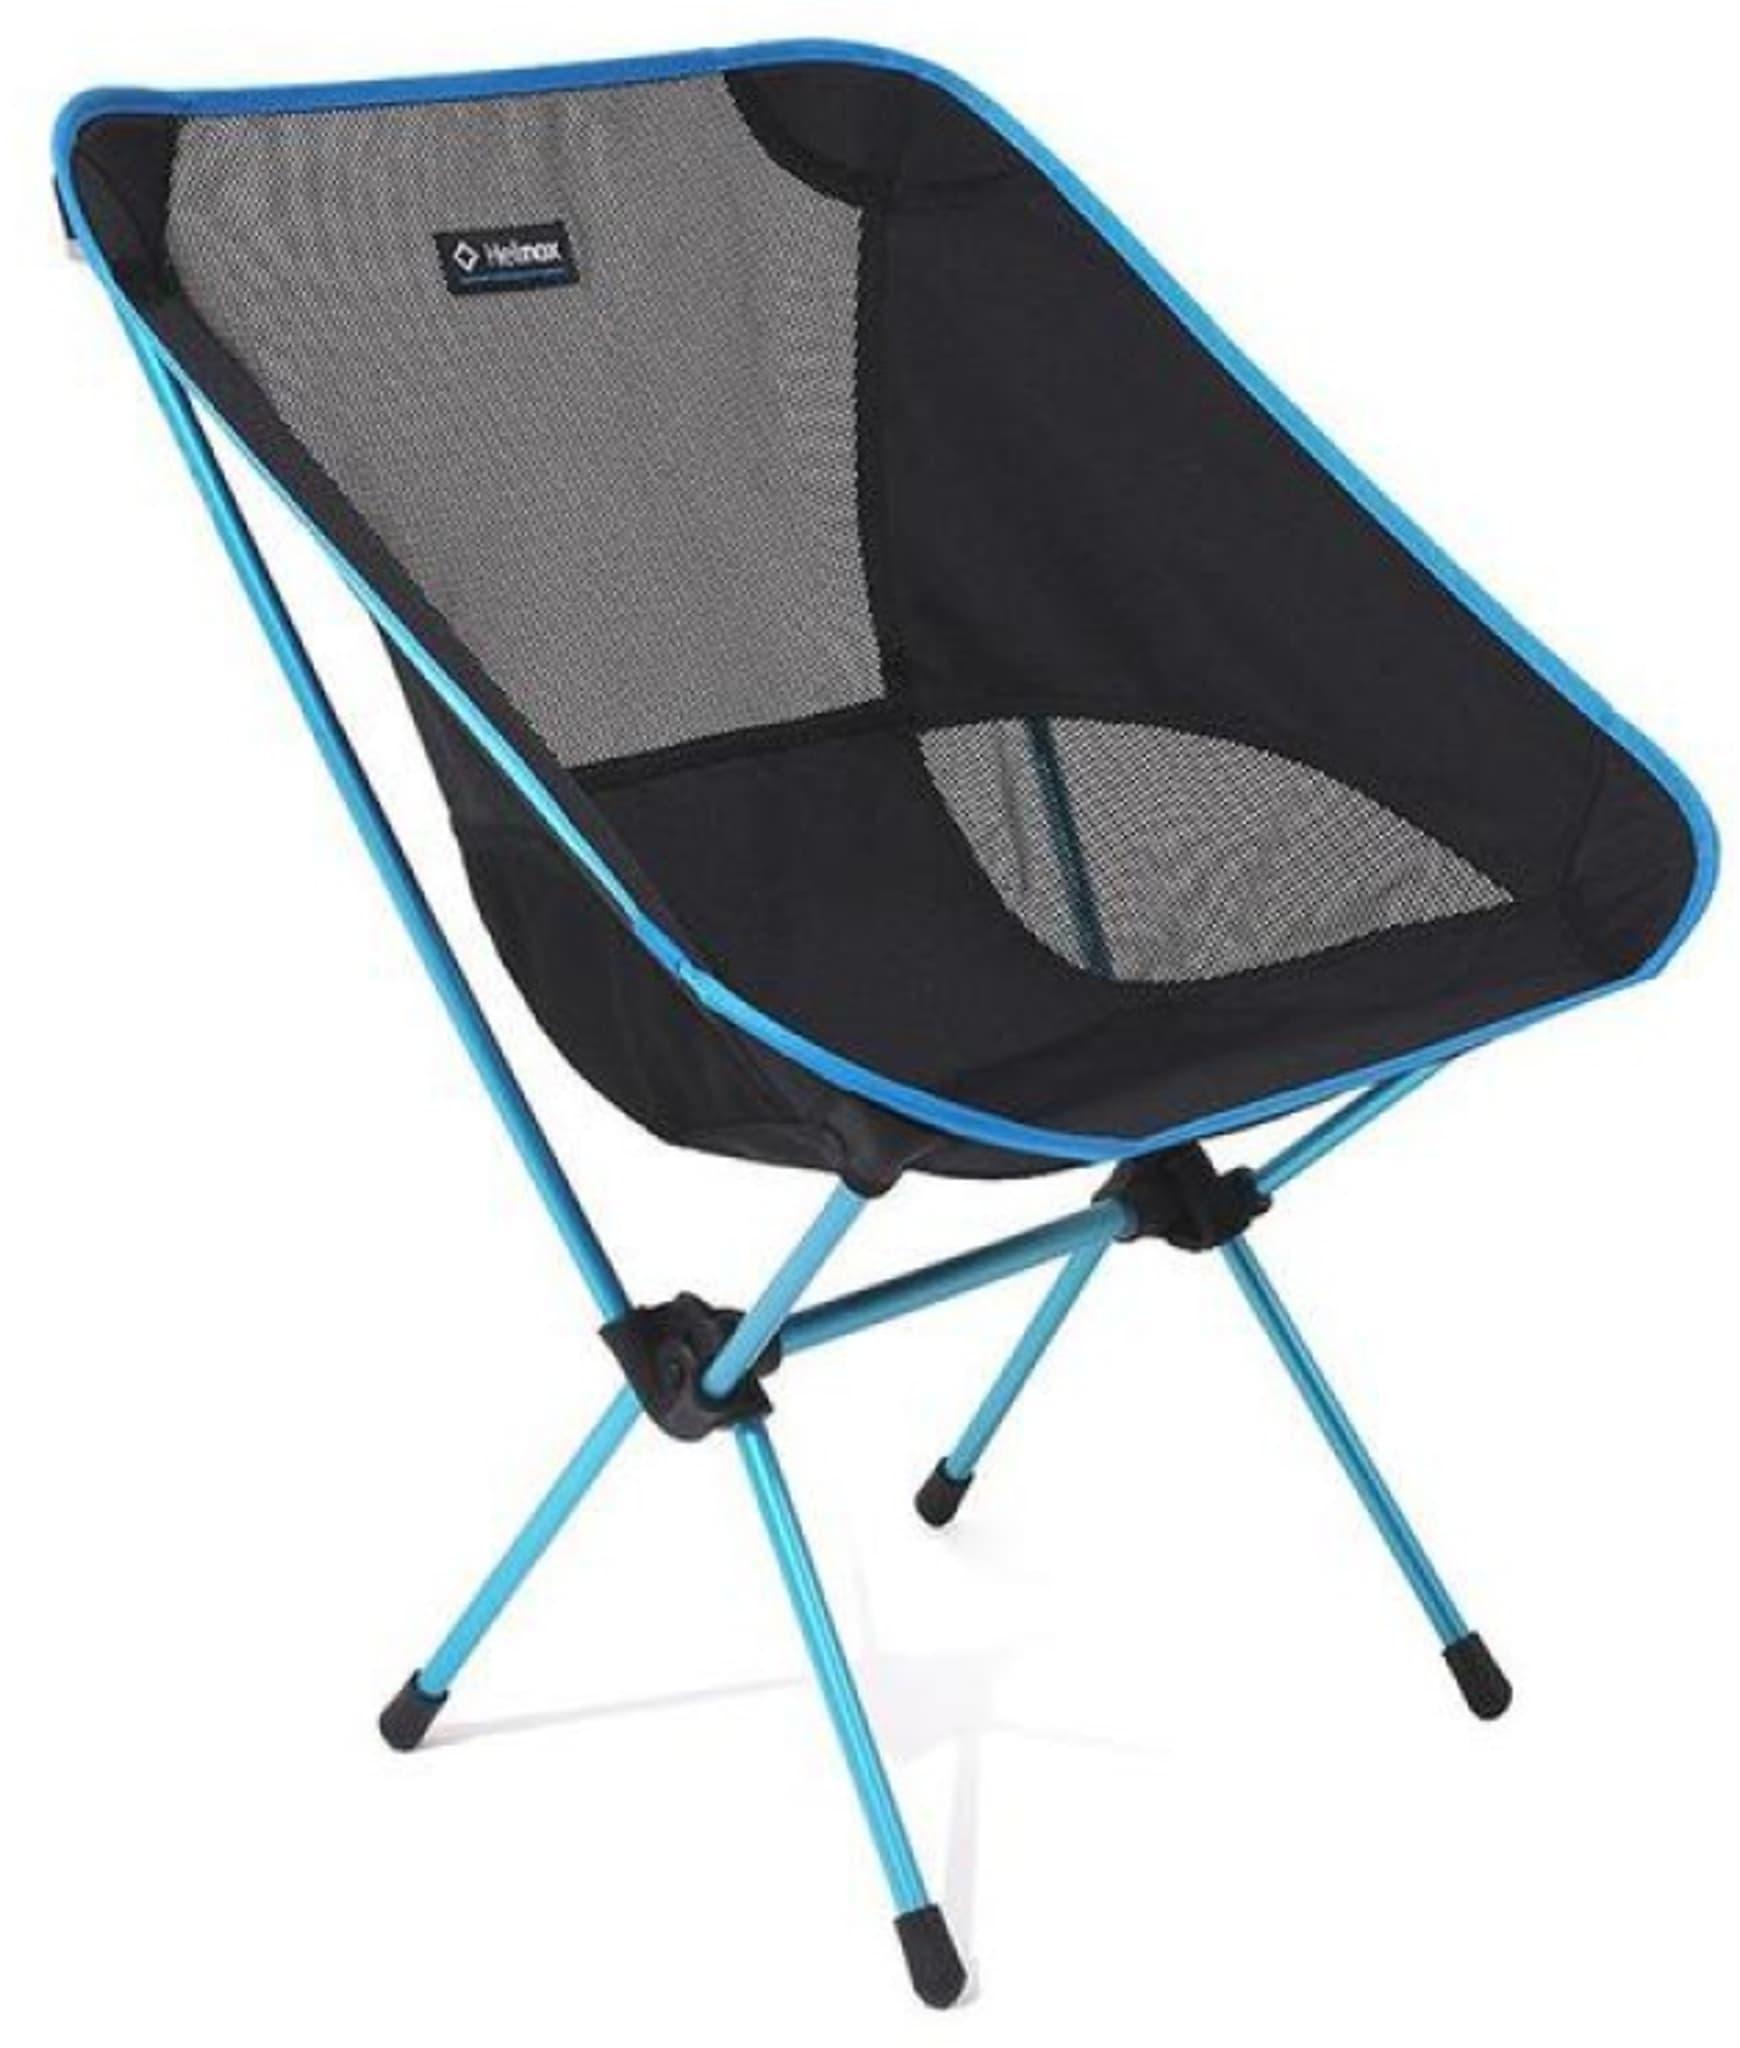 Stor utgave av Chair one